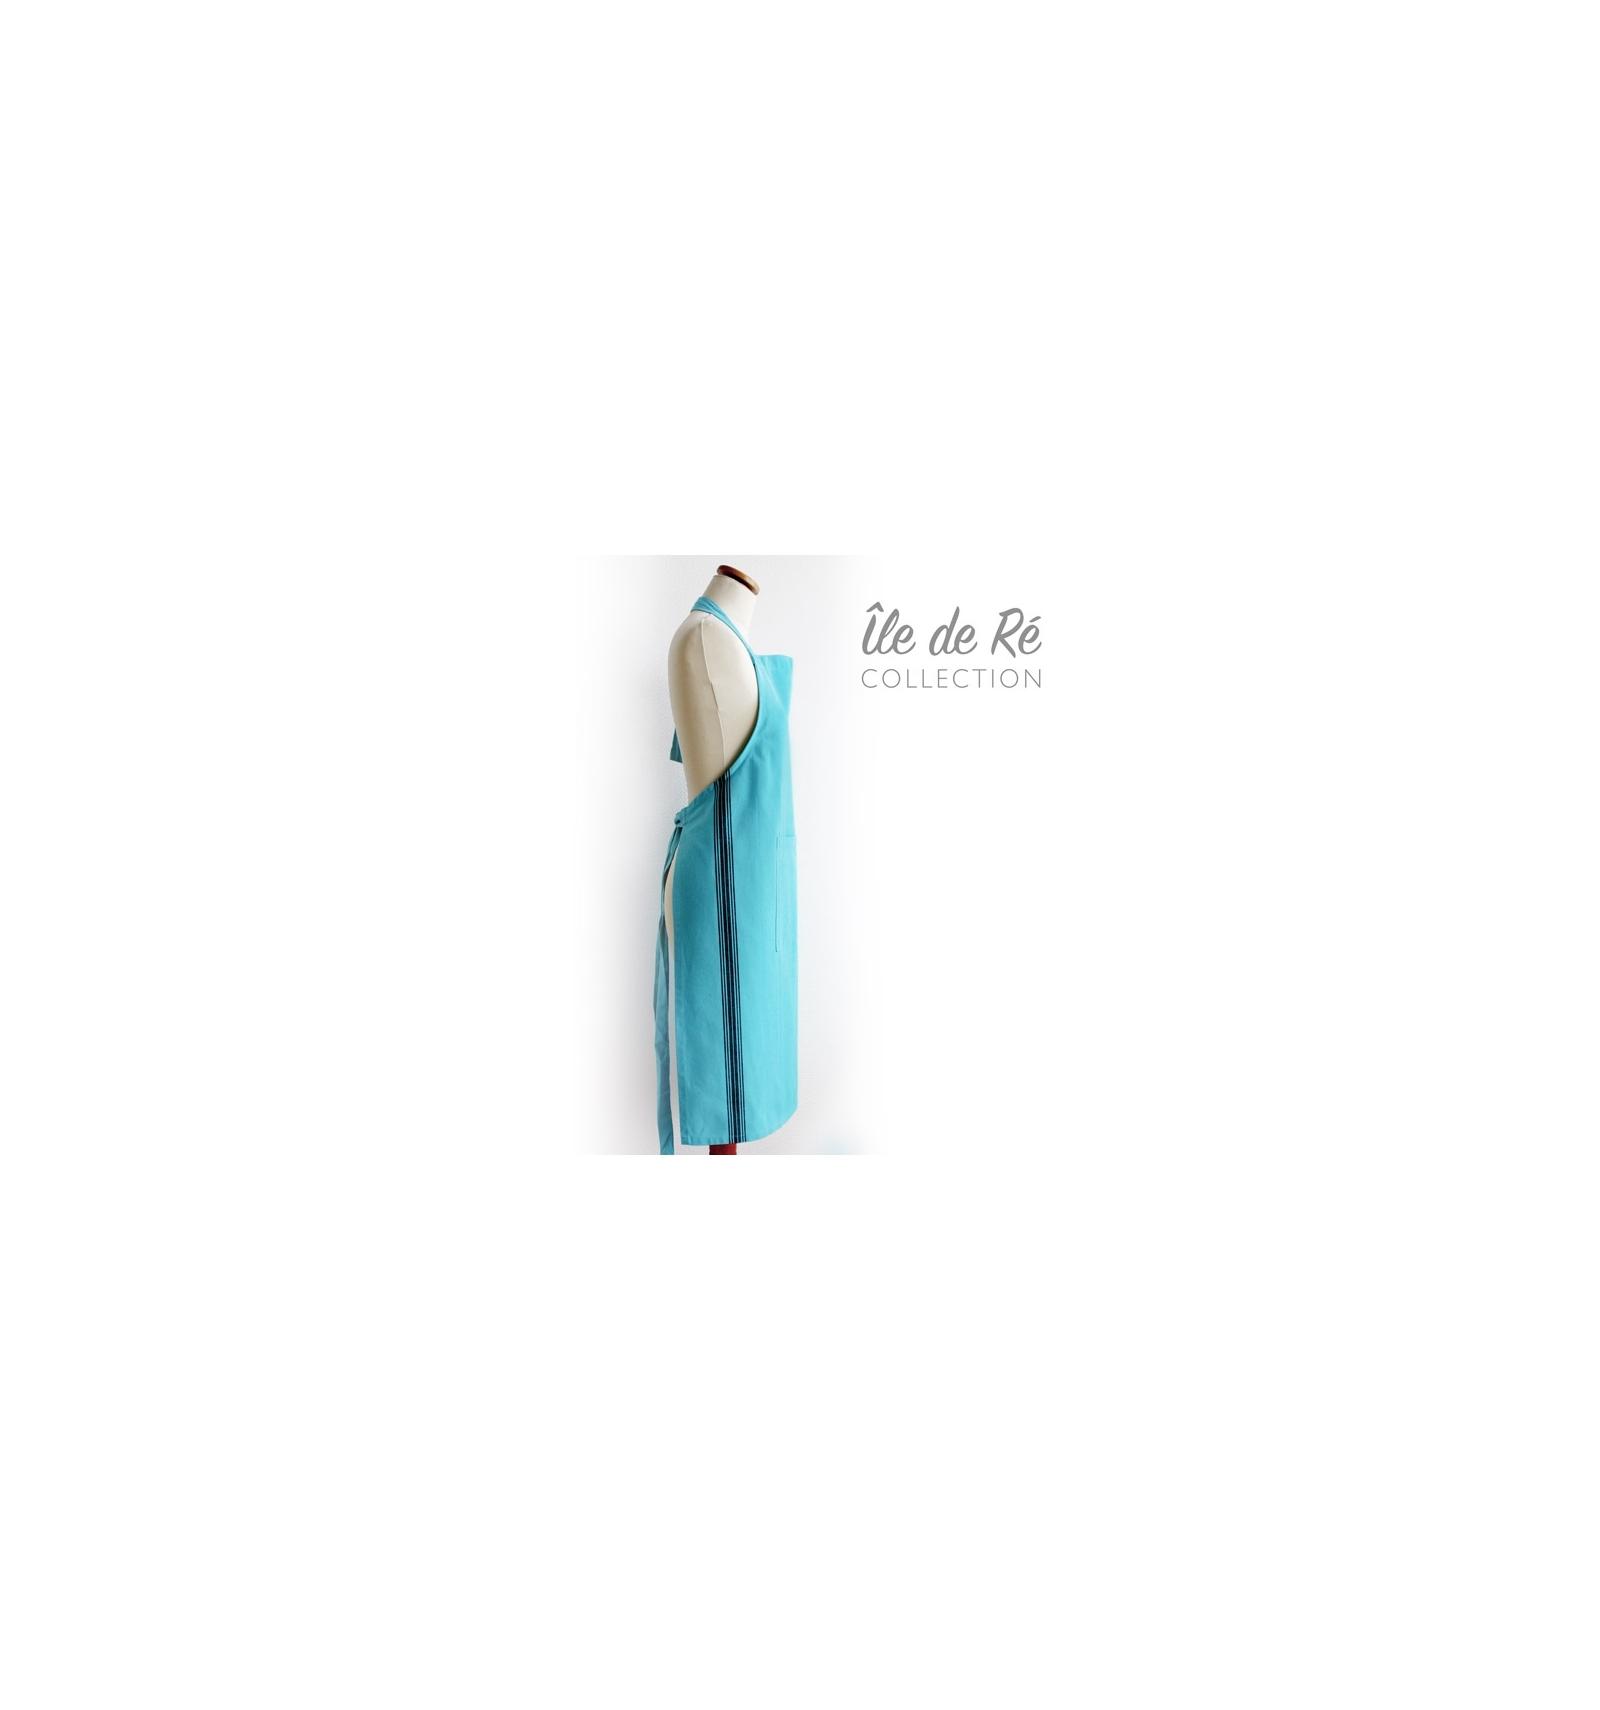 https://osez-sophie.com/4231-thickbox_default/tablier-coton-adulte-bleu-turquoise-broderie-ile-de-re-souvenir-osez-sophie-fabrication-francaise.jpg